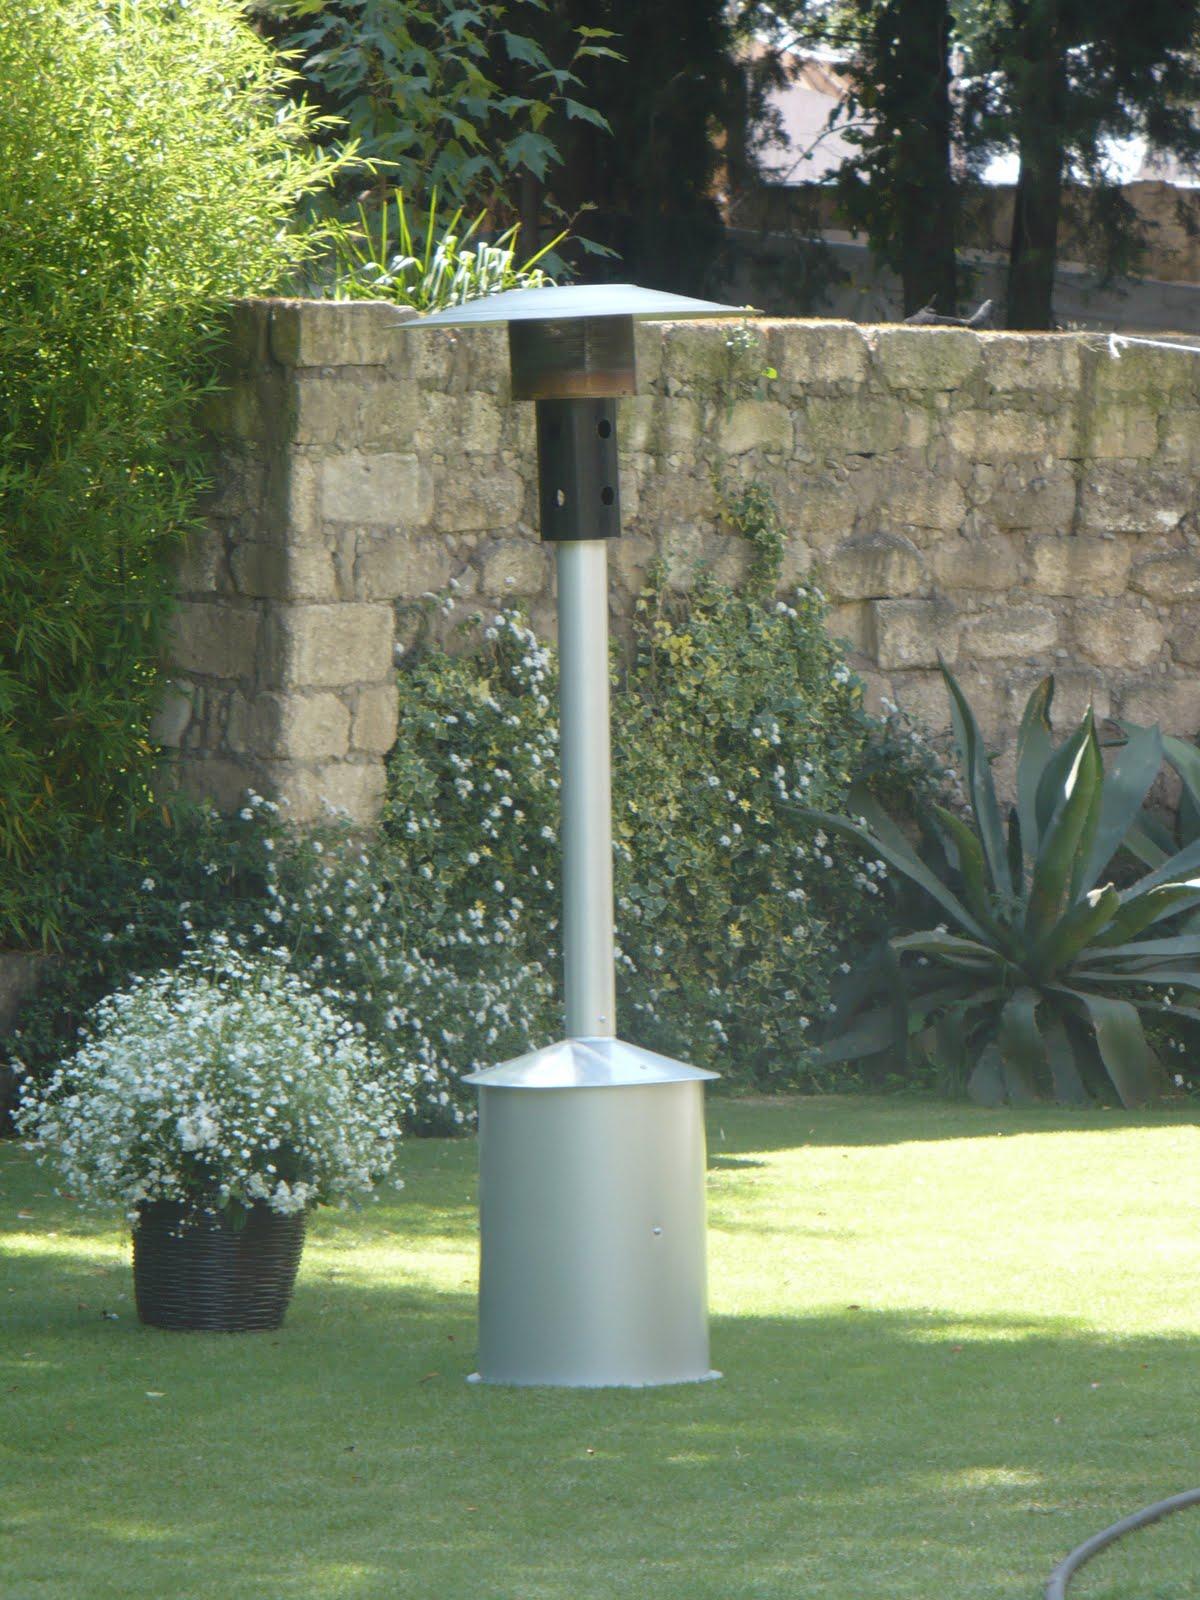 Grupo maga a calentador ambiental tipo hongo for Calentadores para jardin tipo hongo